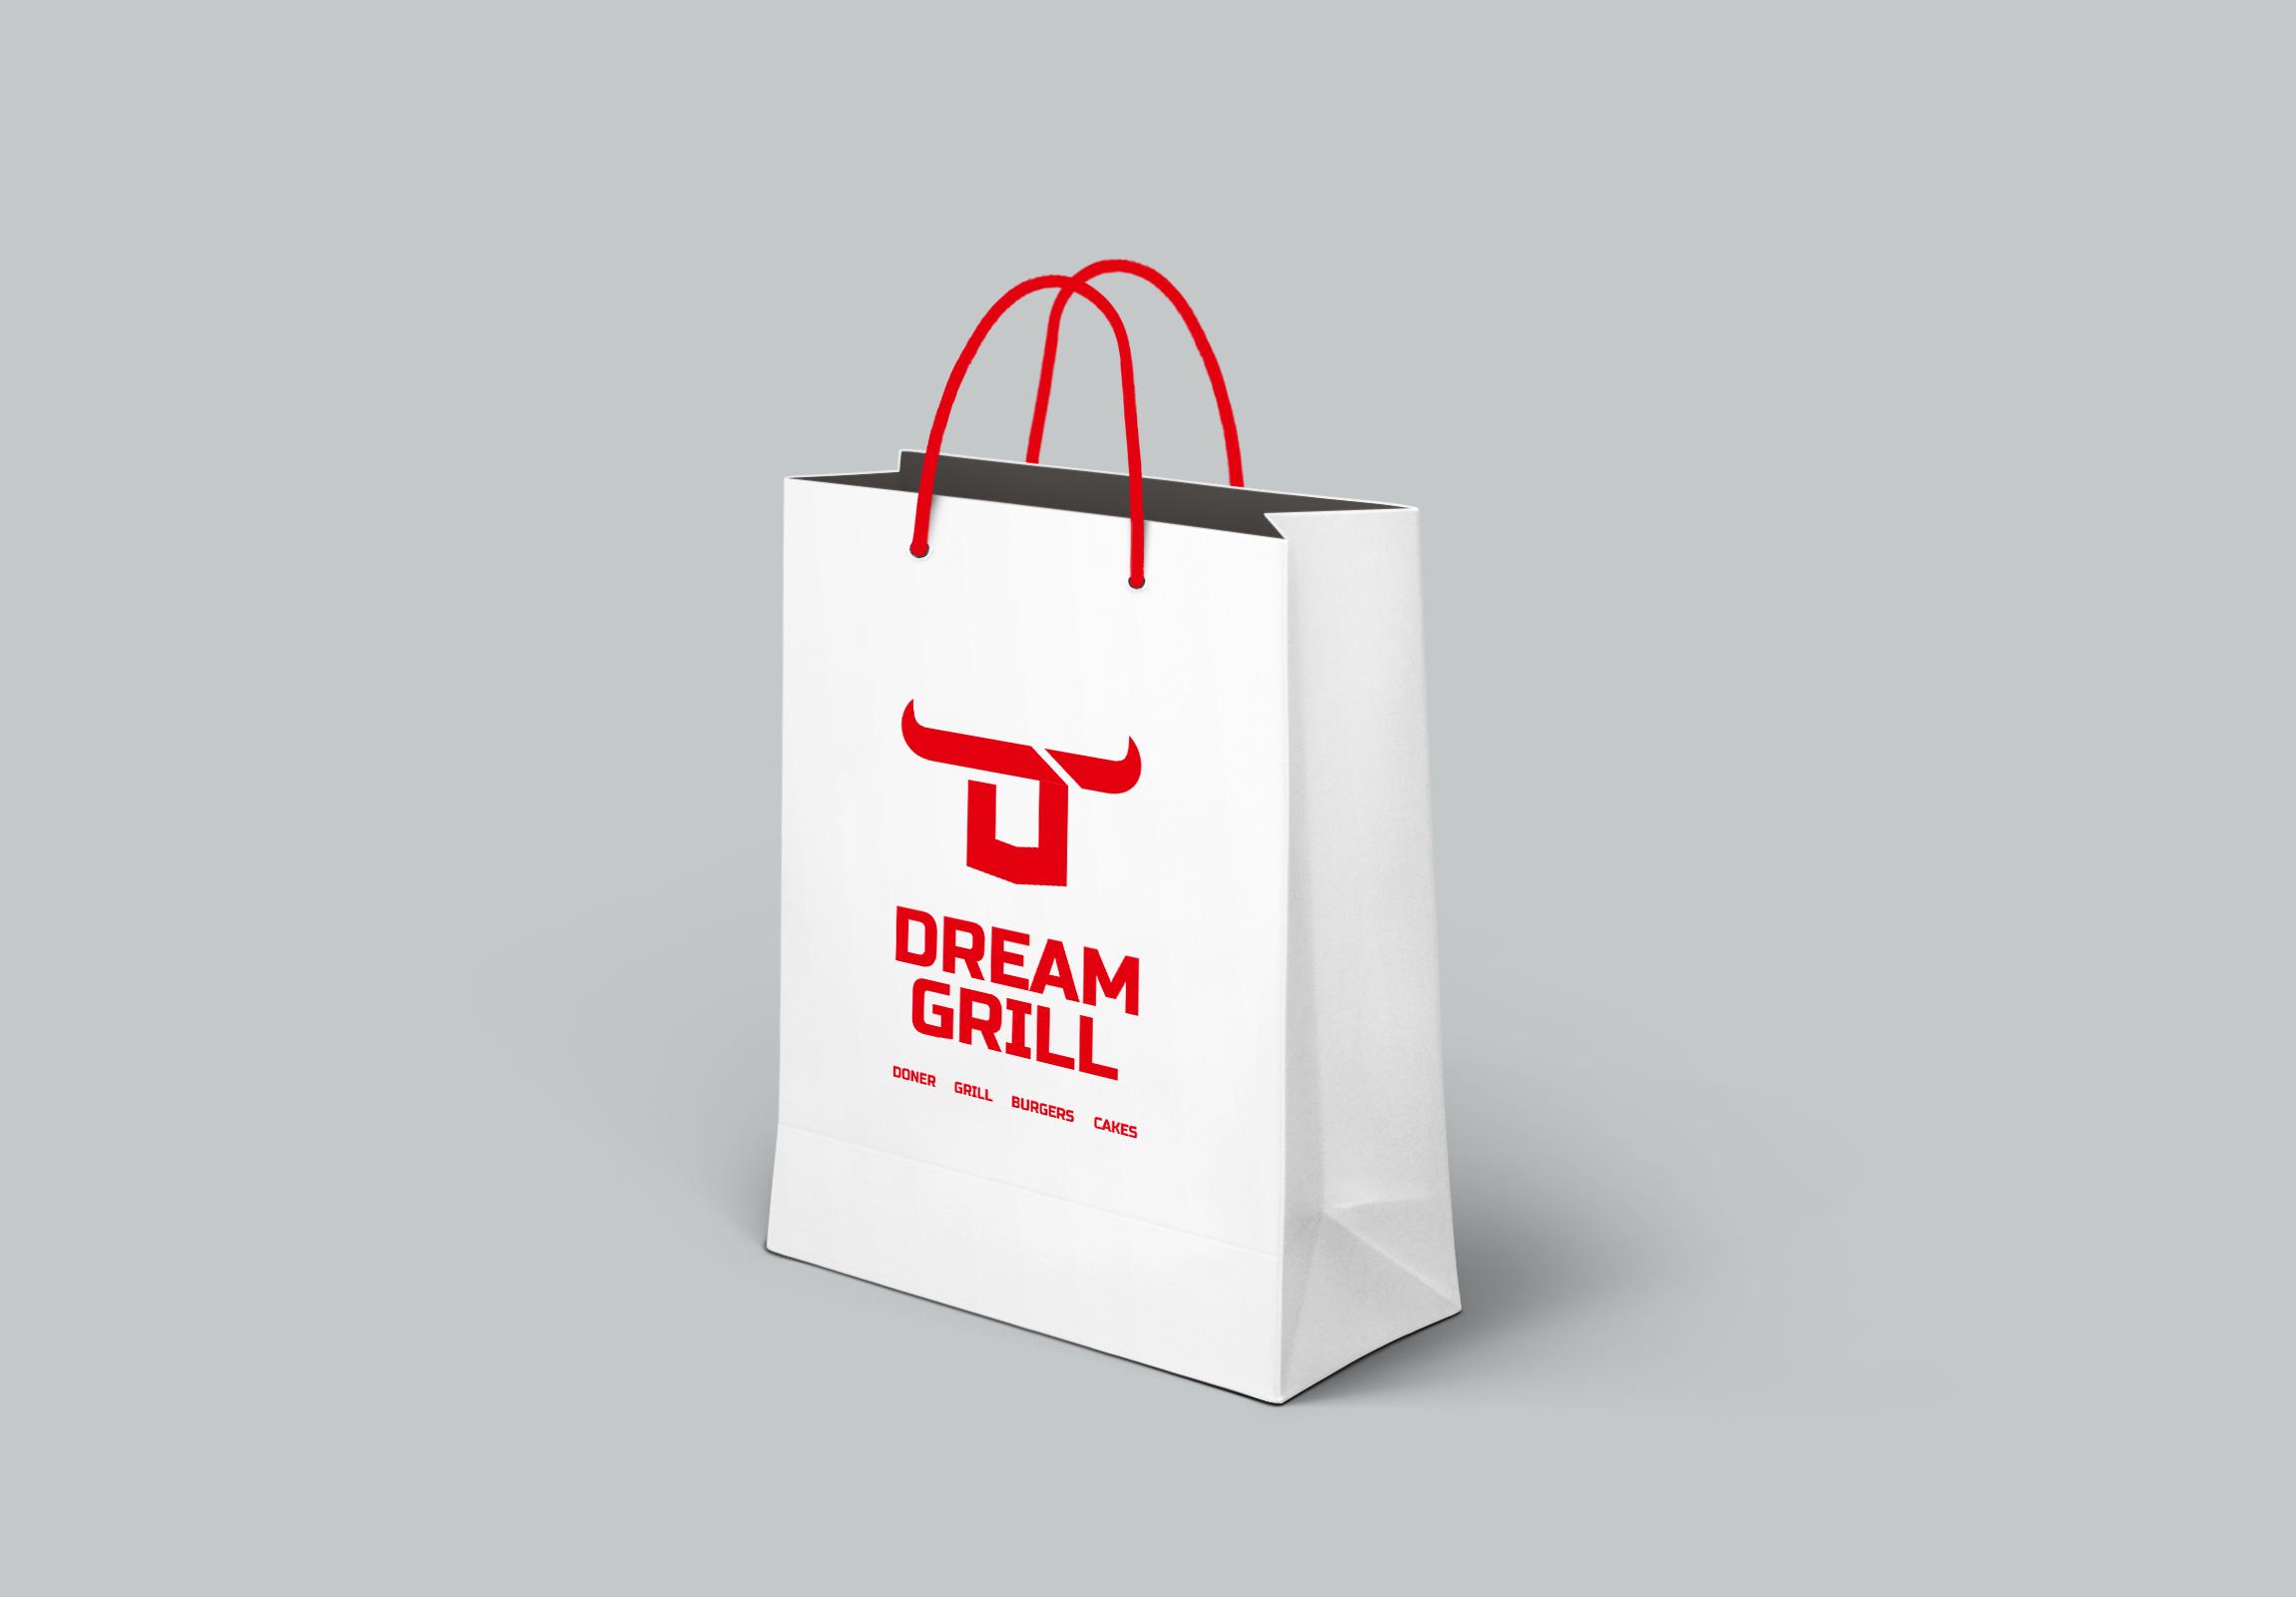 Разработка логотипа для фастфуда фото f_301554dd6e577ea4.jpg